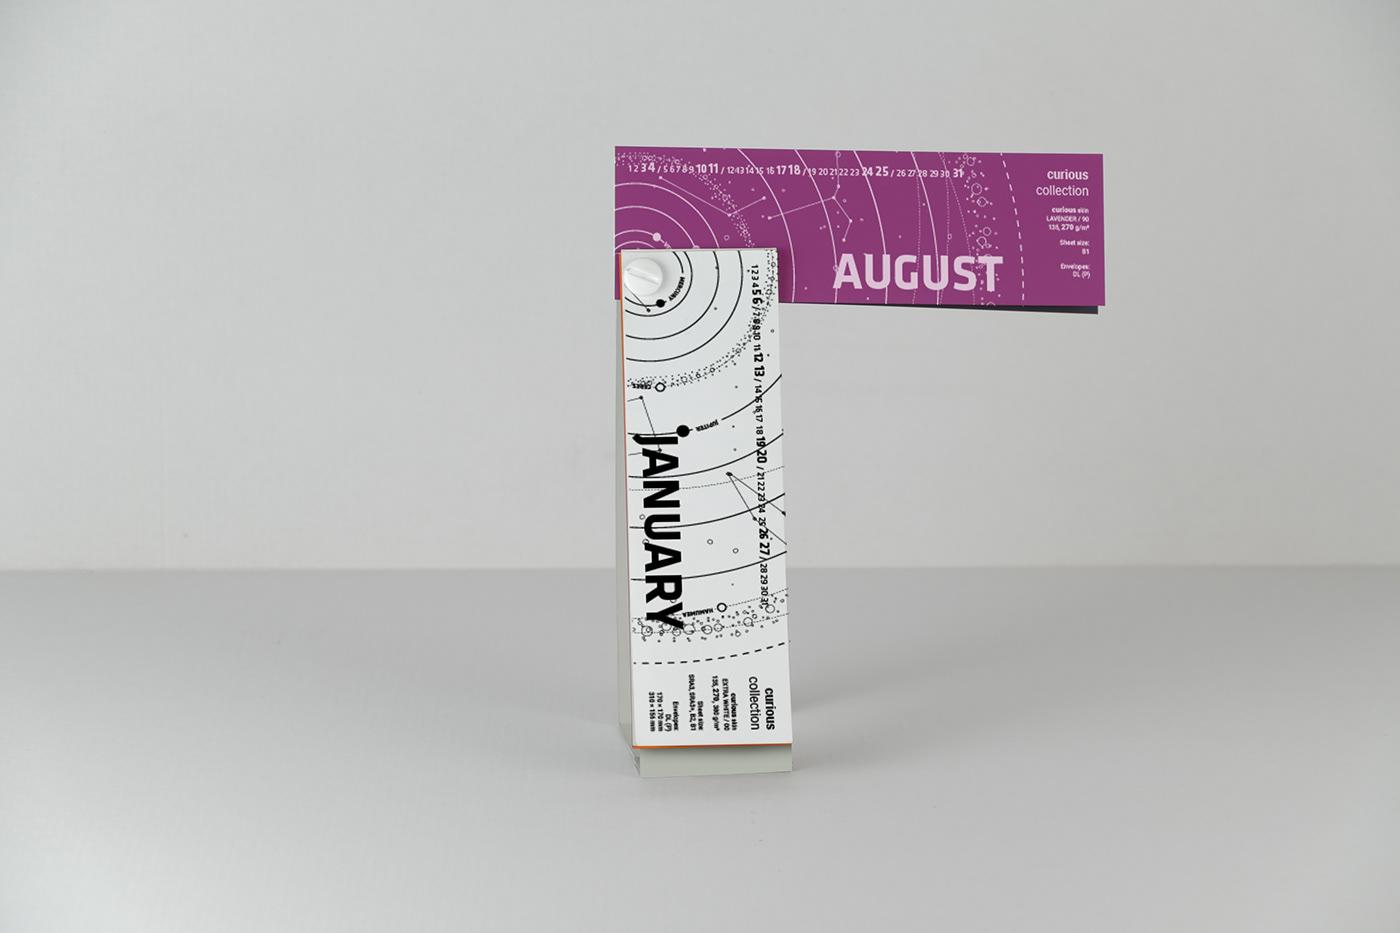 優秀的18款日曆設計欣賞